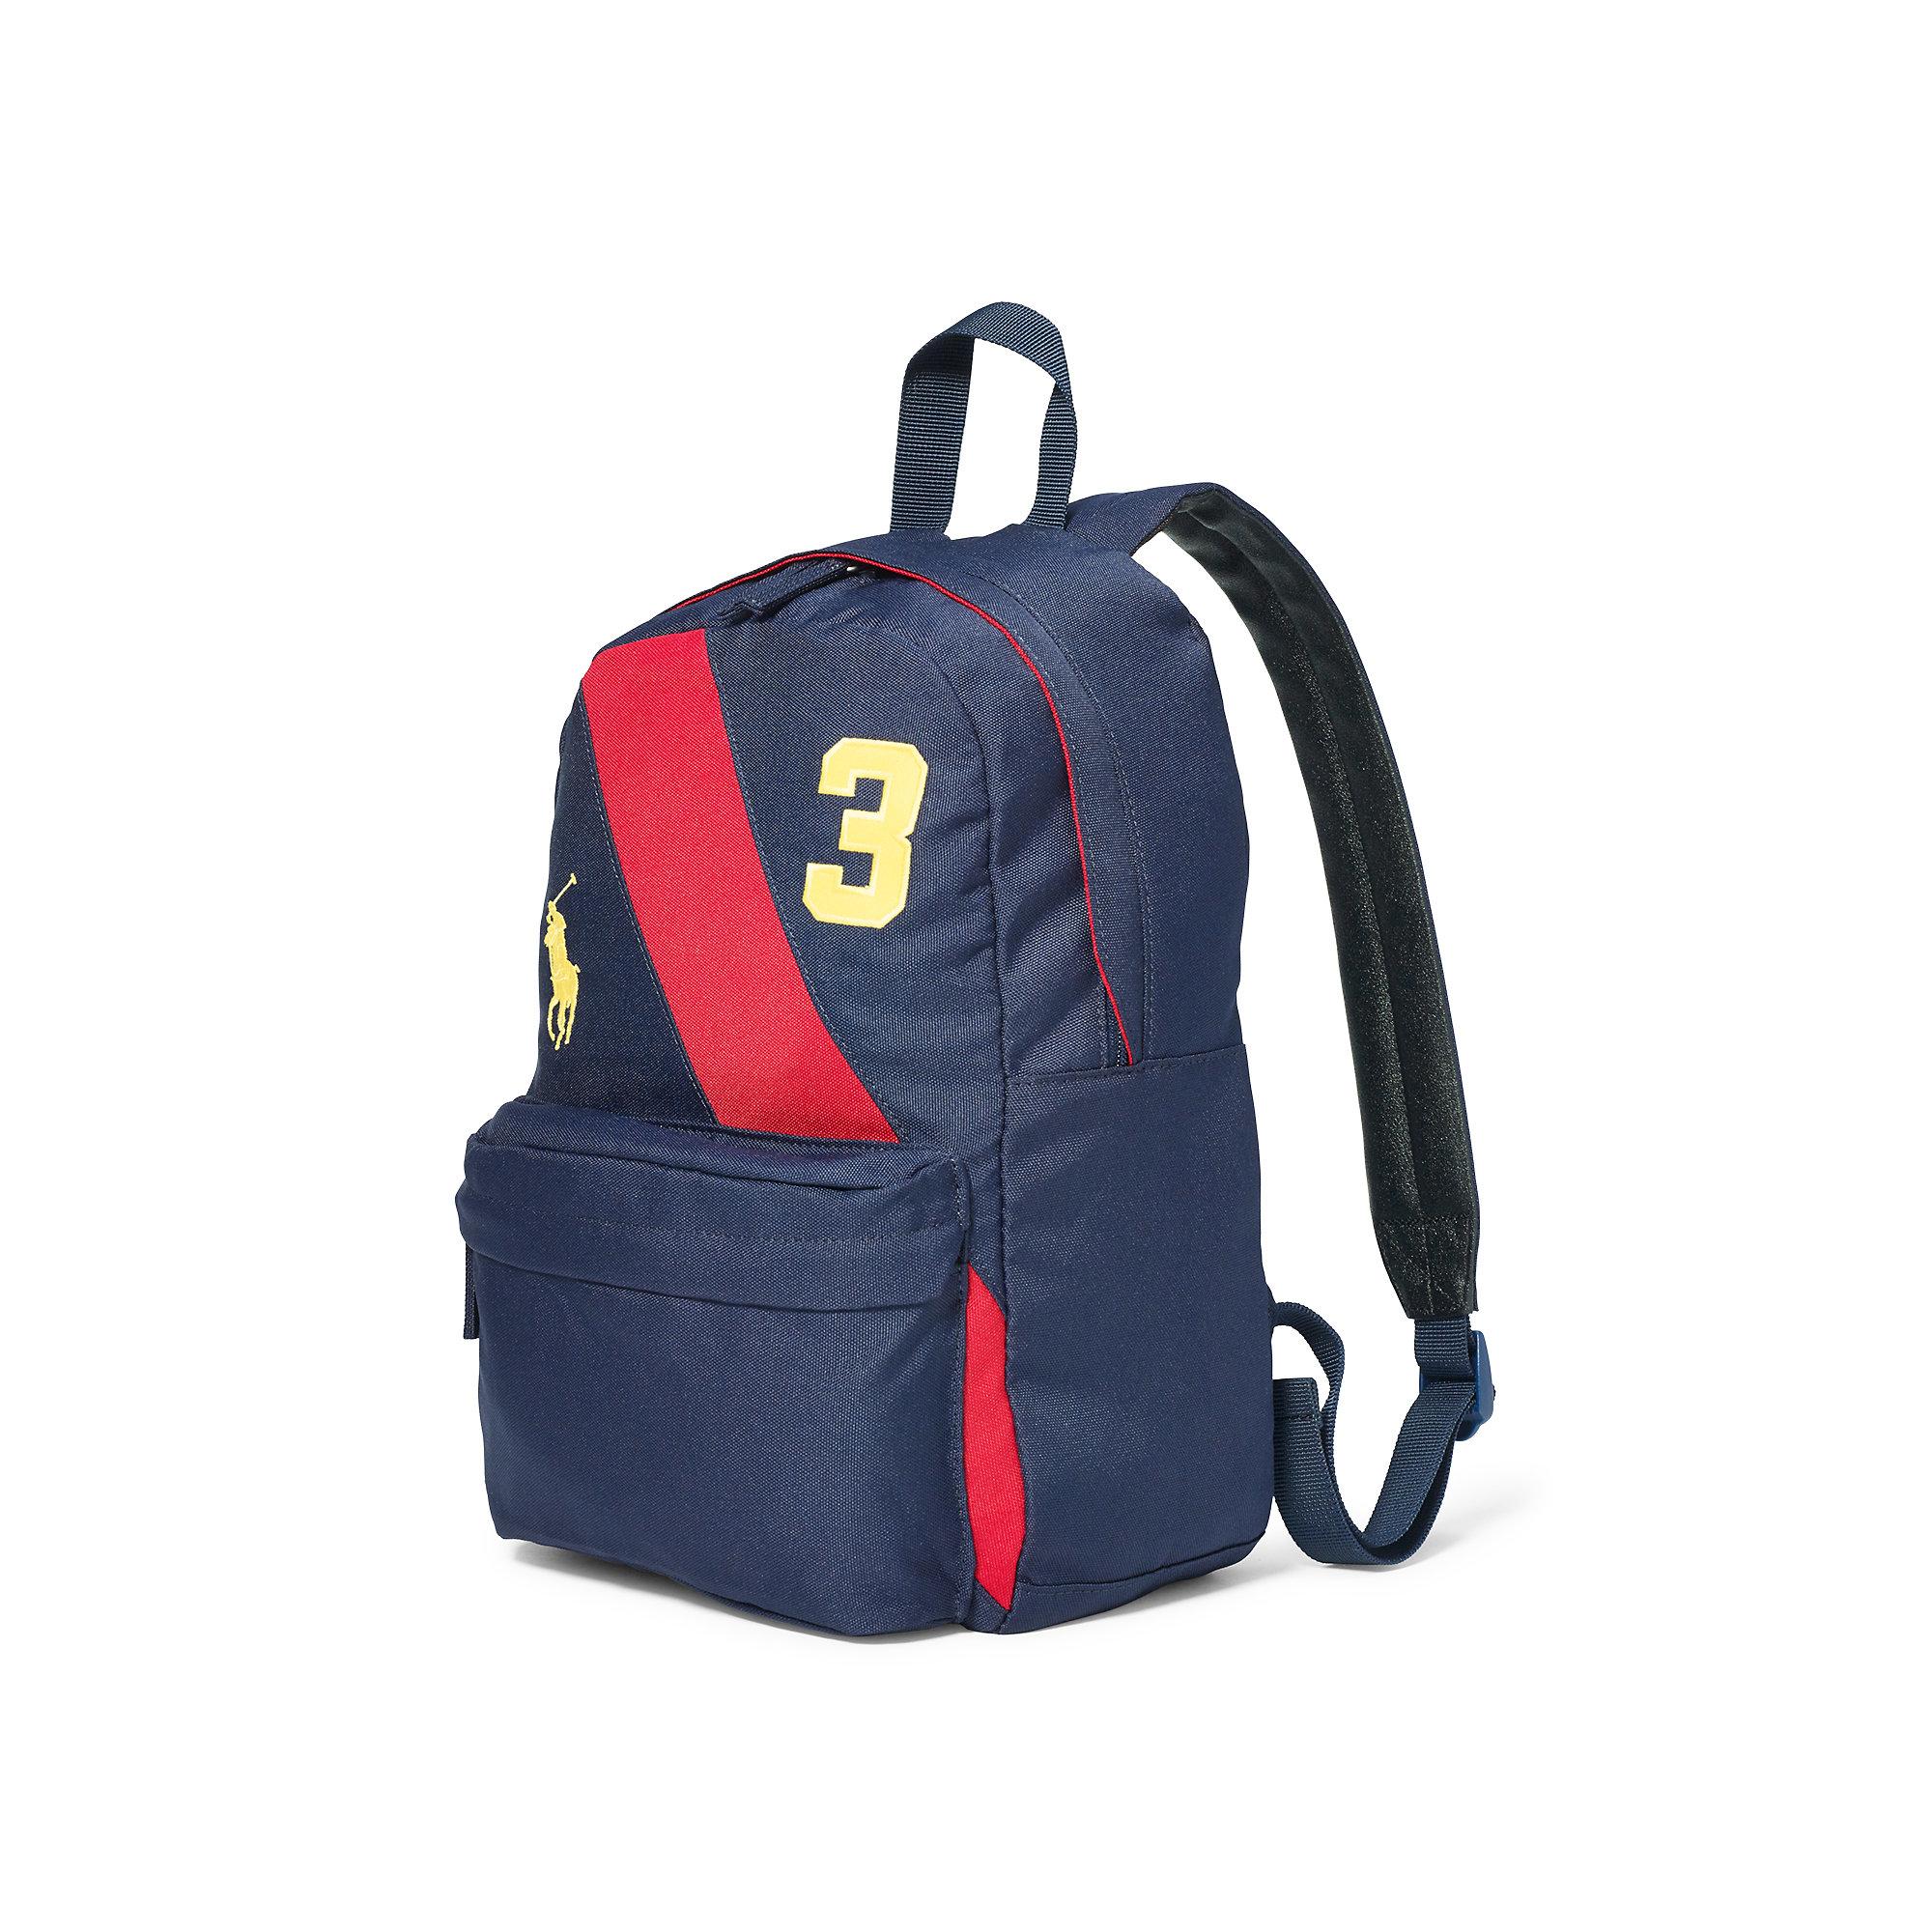 197fffa1a40 Lyst - Ralph Lauren Banner-striped Medium Backpack in Blue for Men